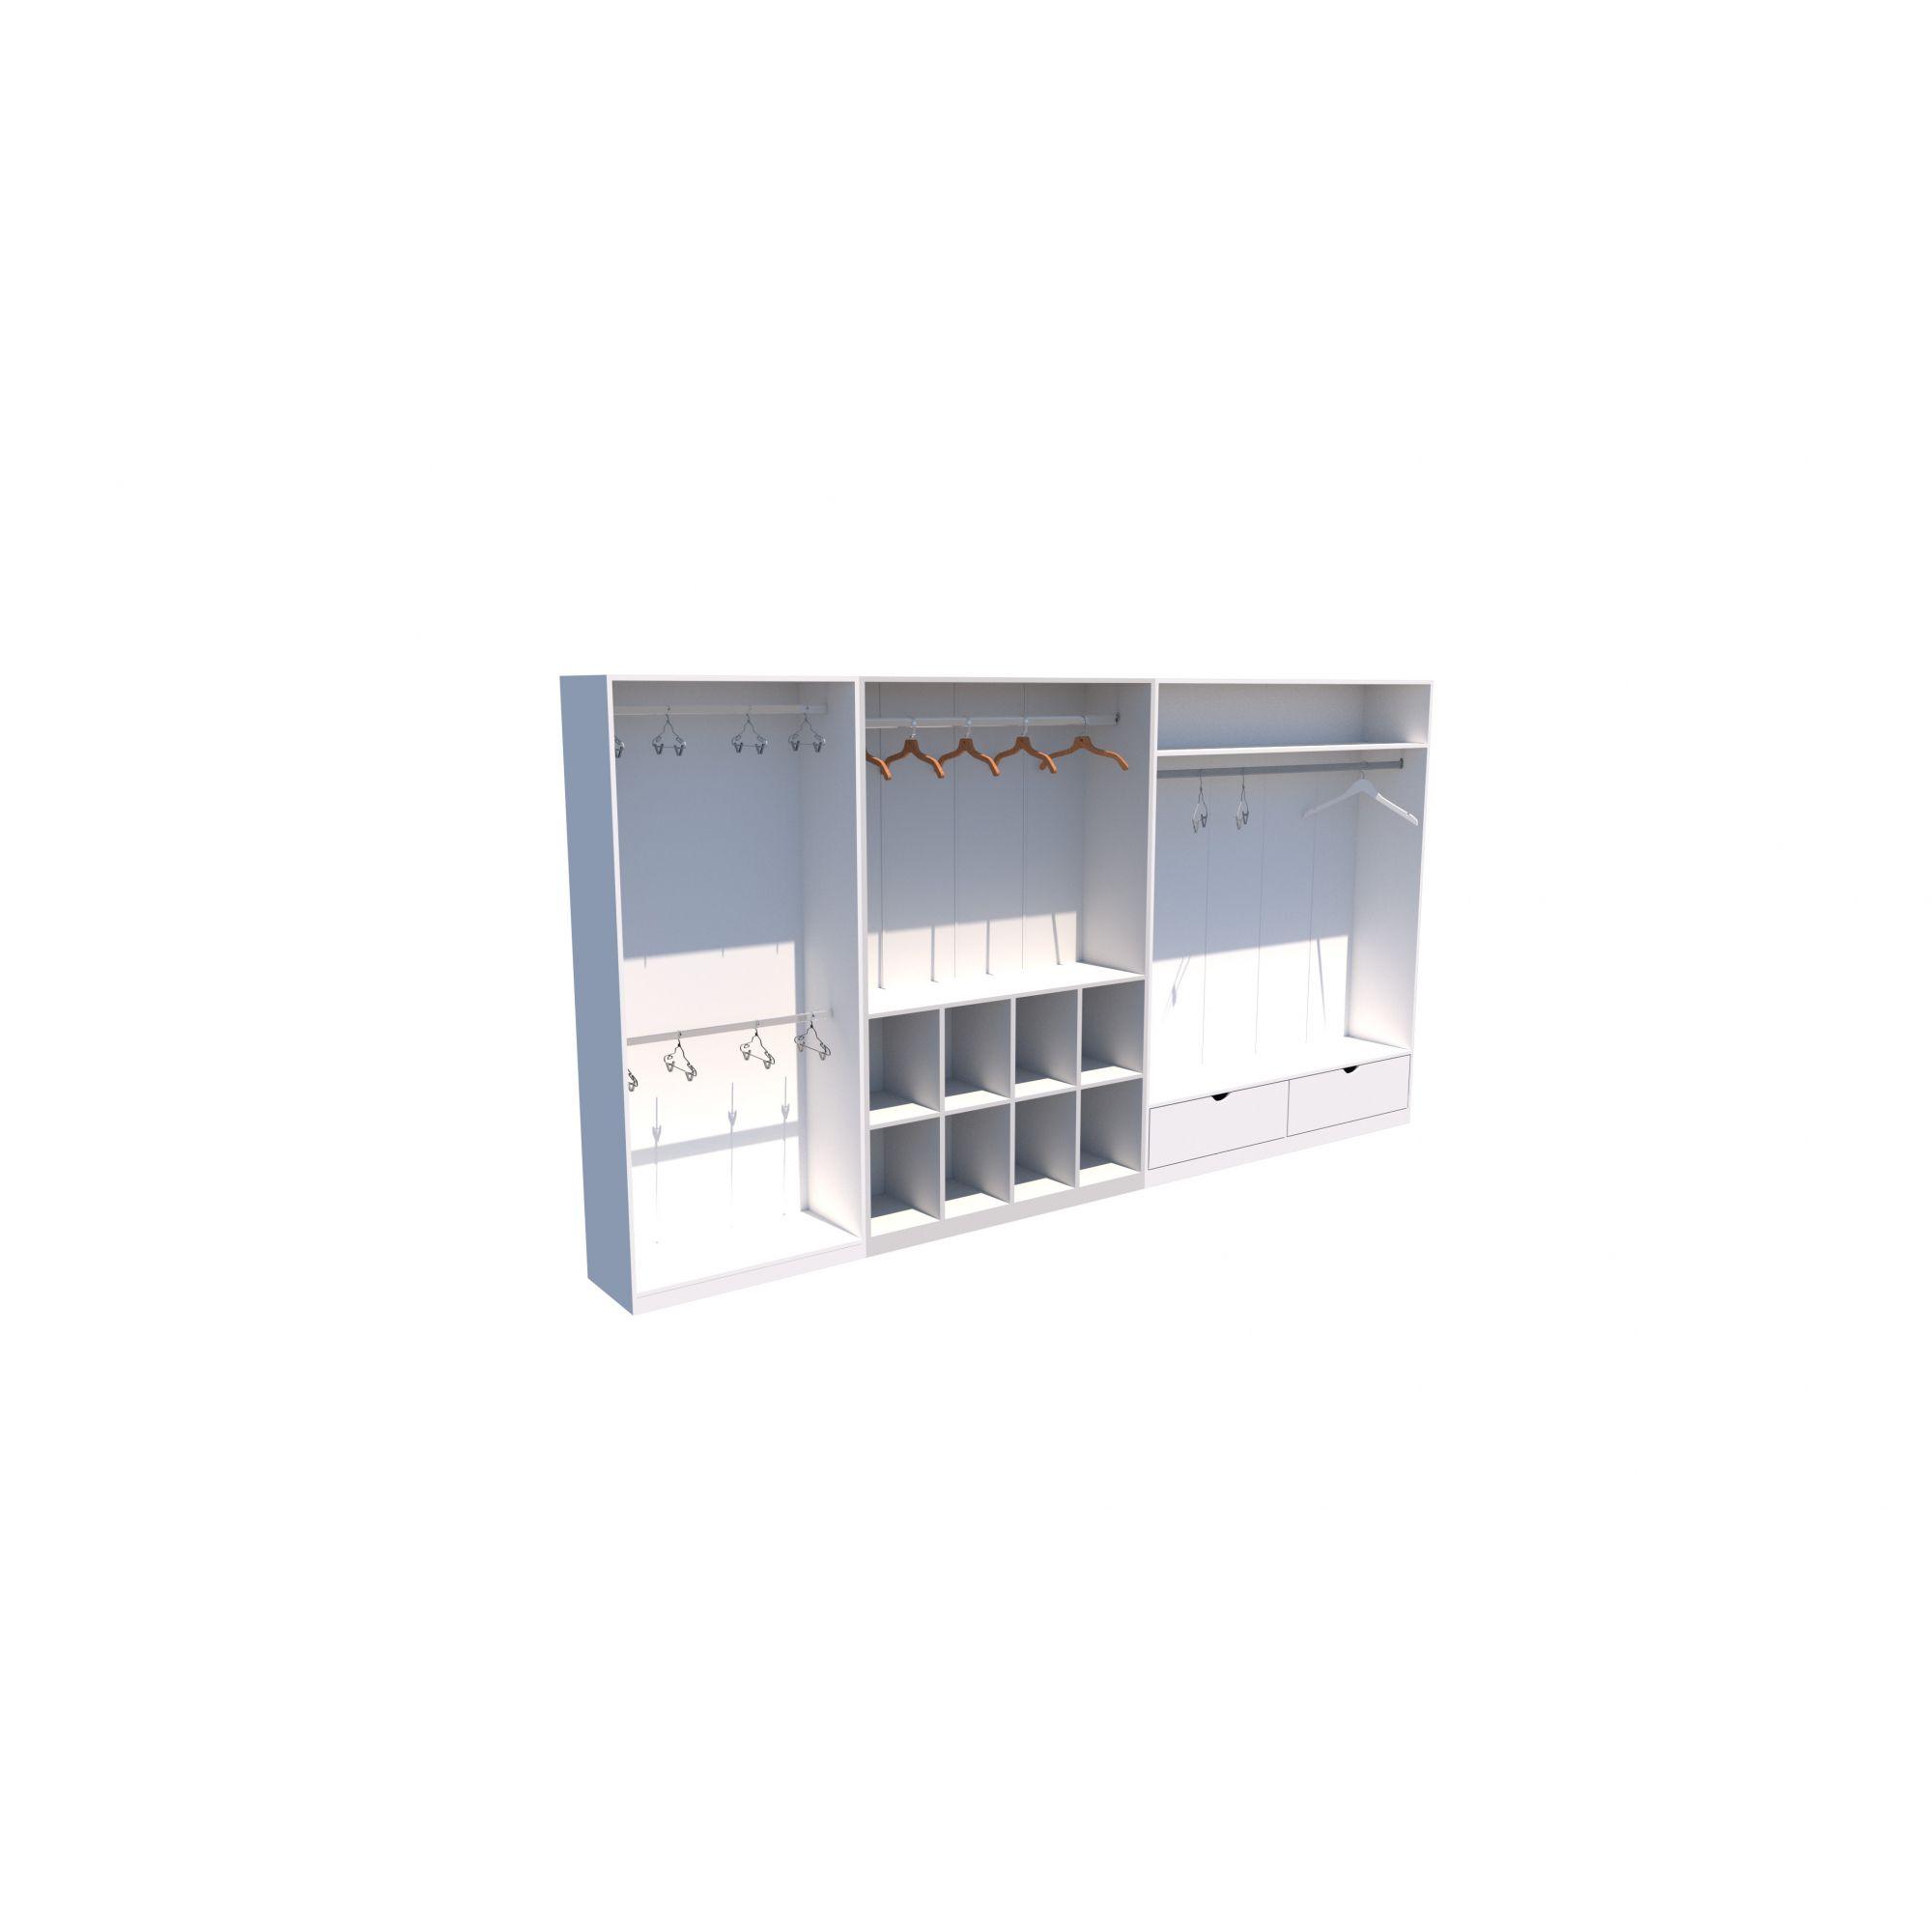 Kit Closet Ou Loja Armário Colmeia Cabideiro M16 100% Mdf